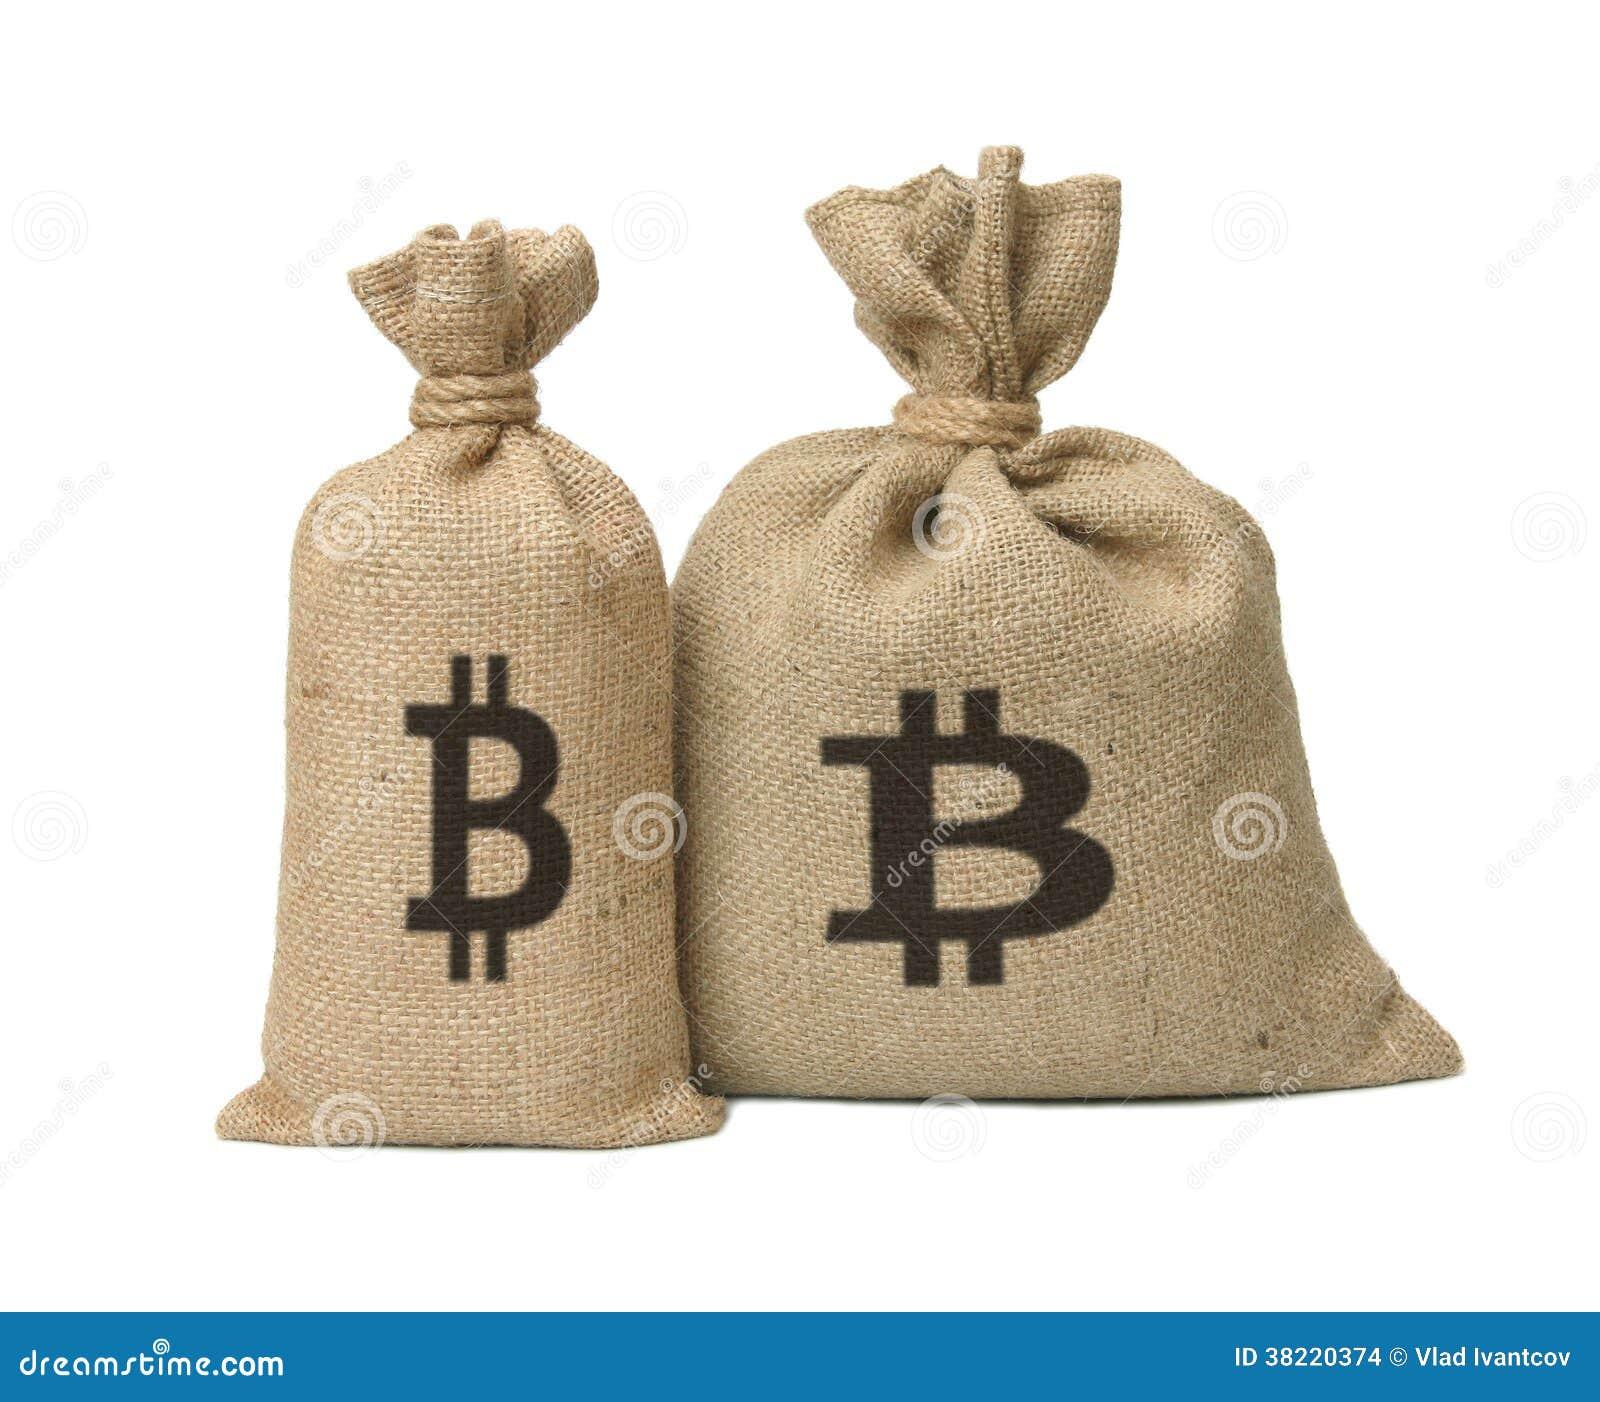 Sacda bitcoins brownlow betting tips 2021